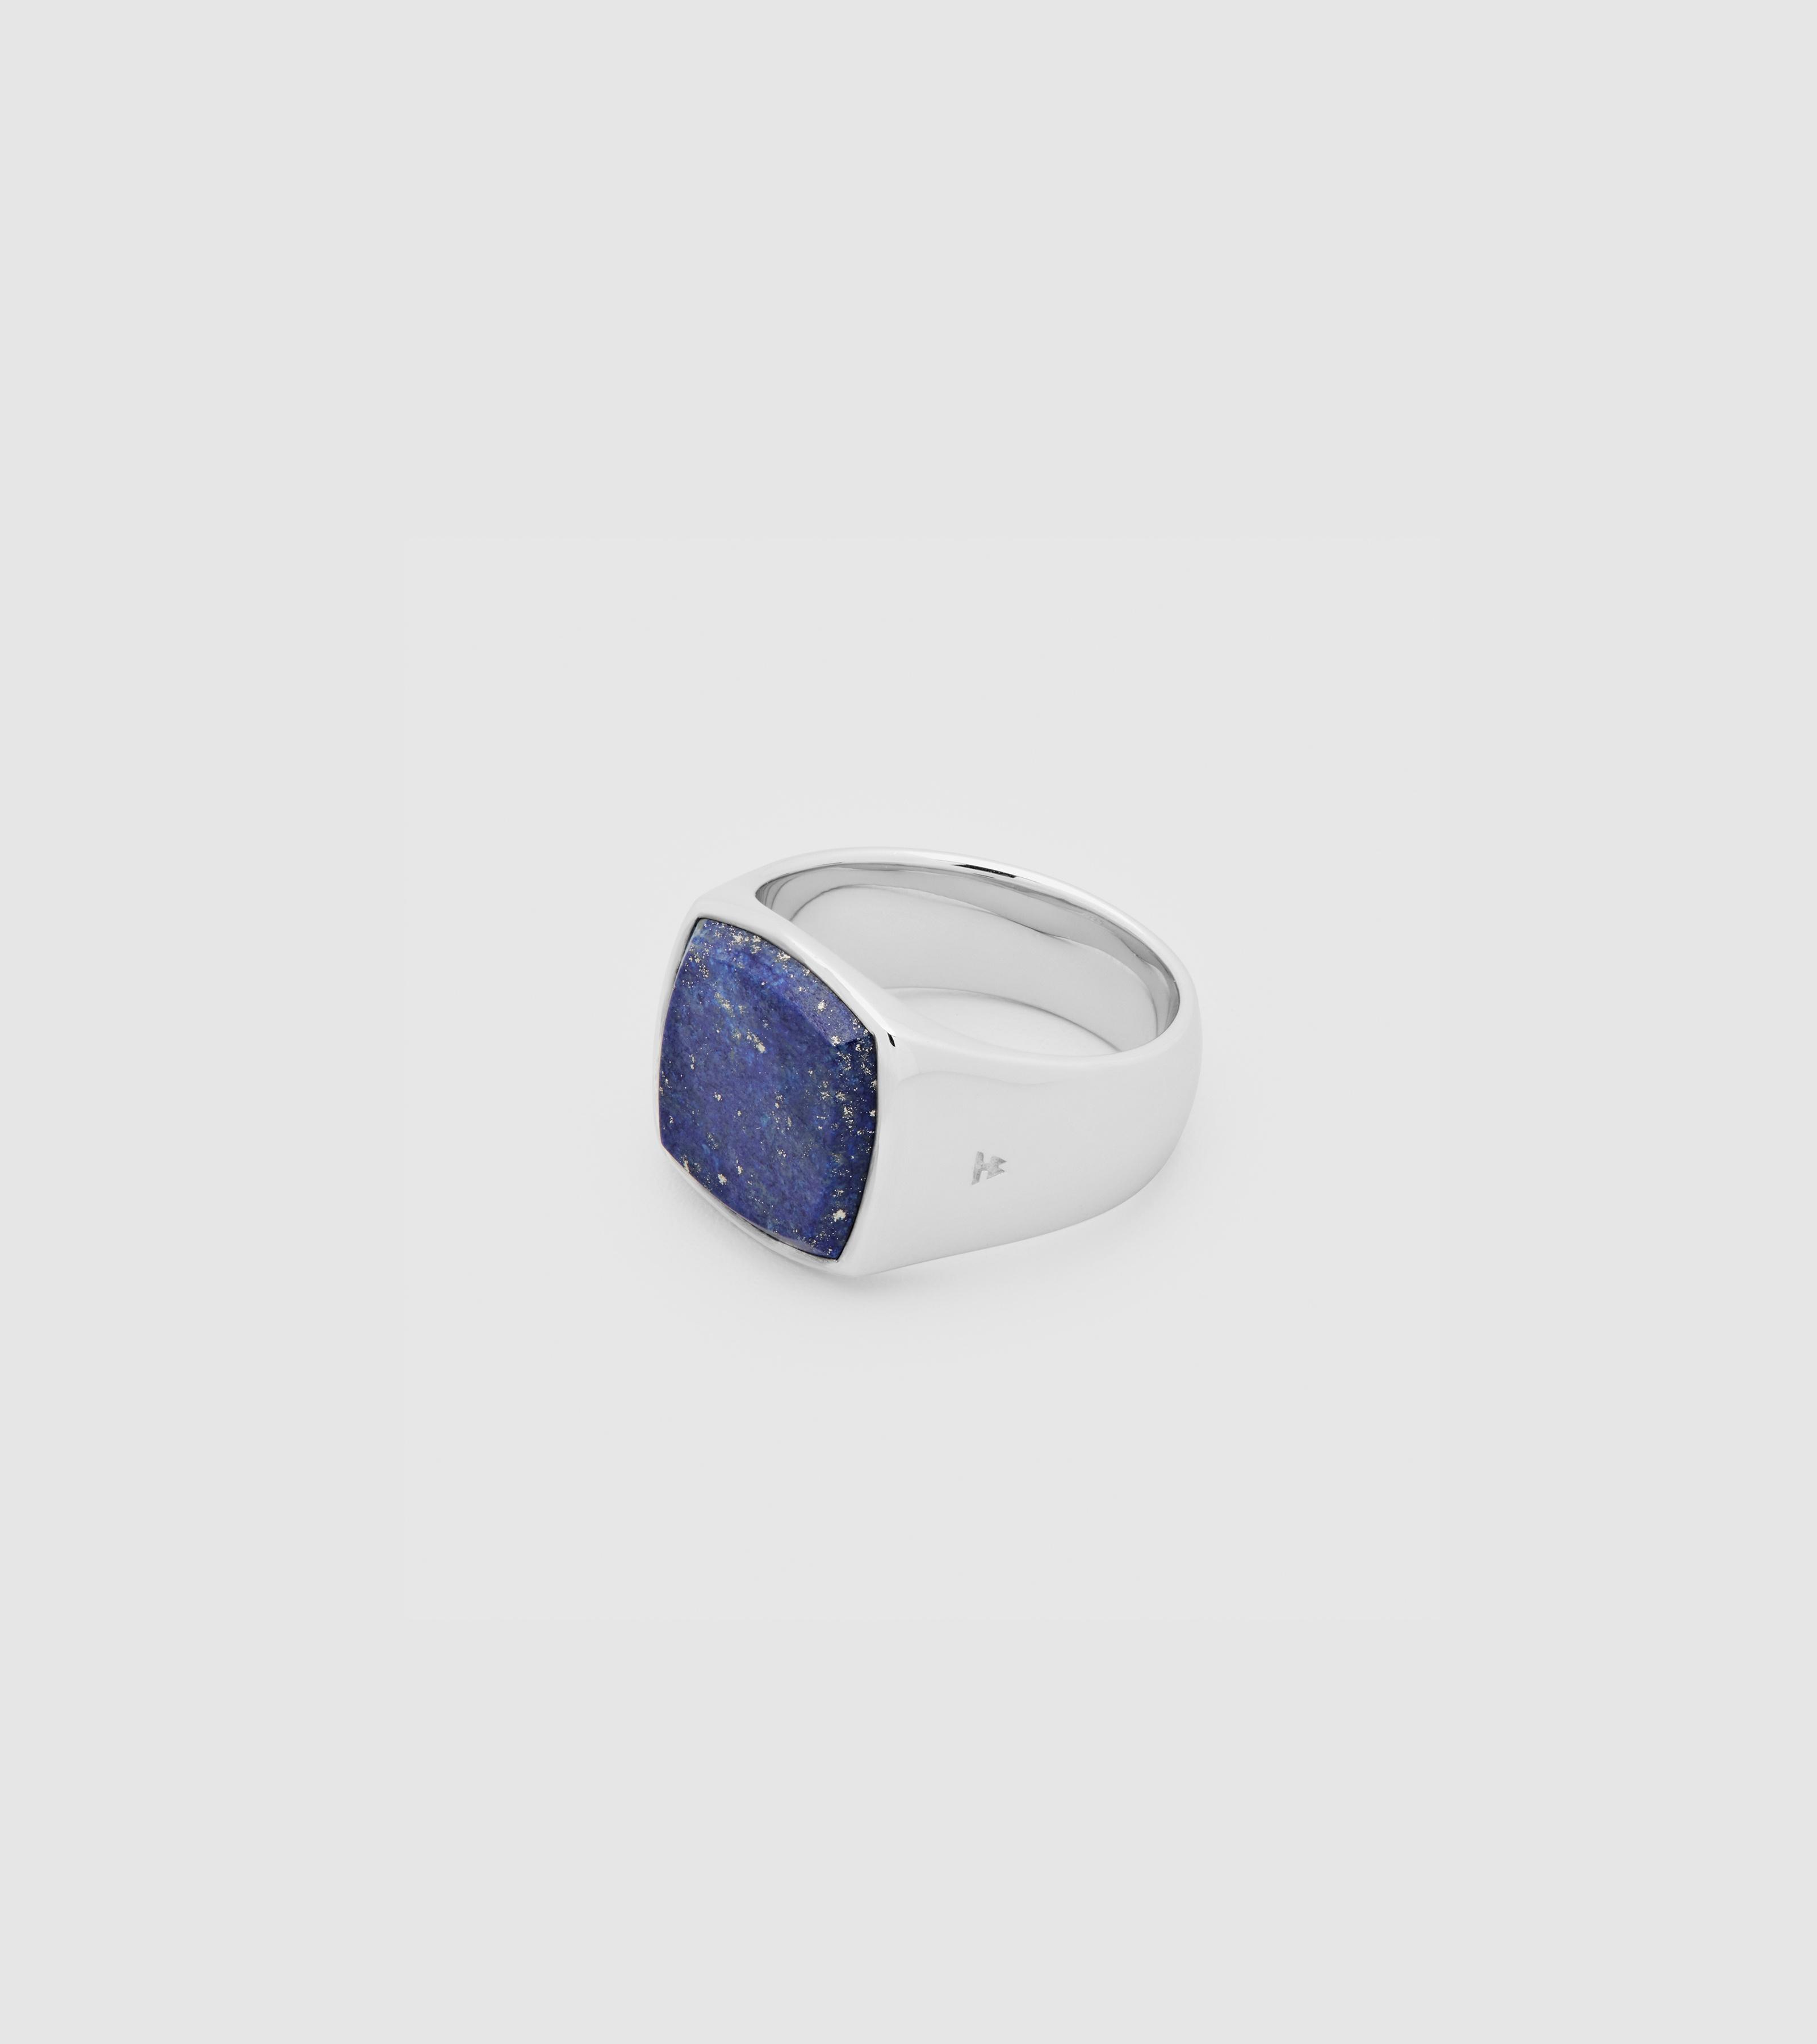 Cushion Blue Lapis